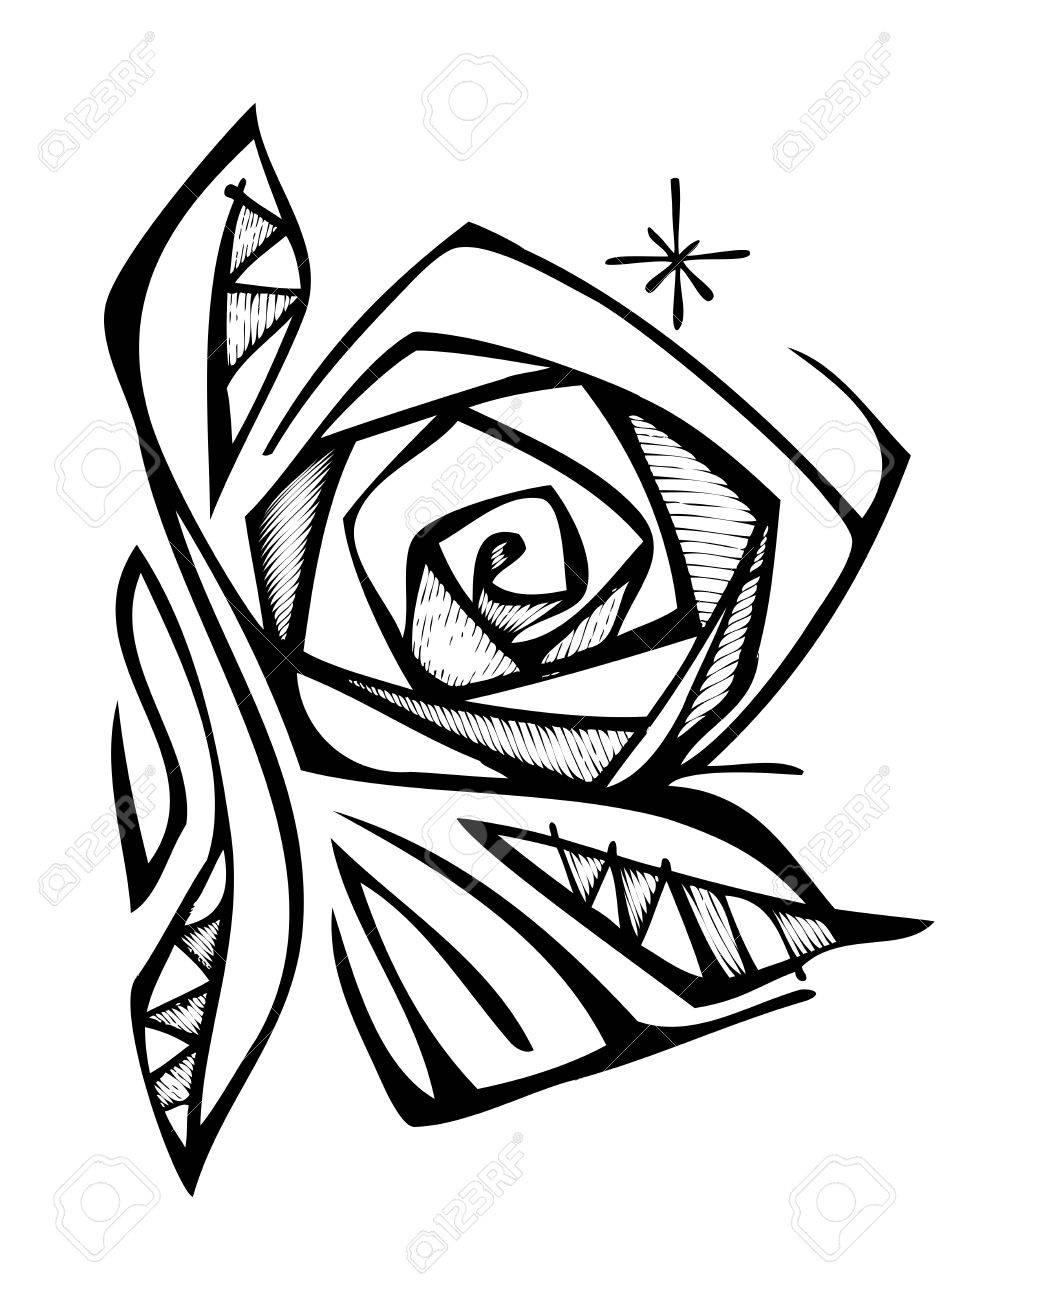 Illustration Vectorielle Dessines A La Main Ou Dessin D Une Fleur De